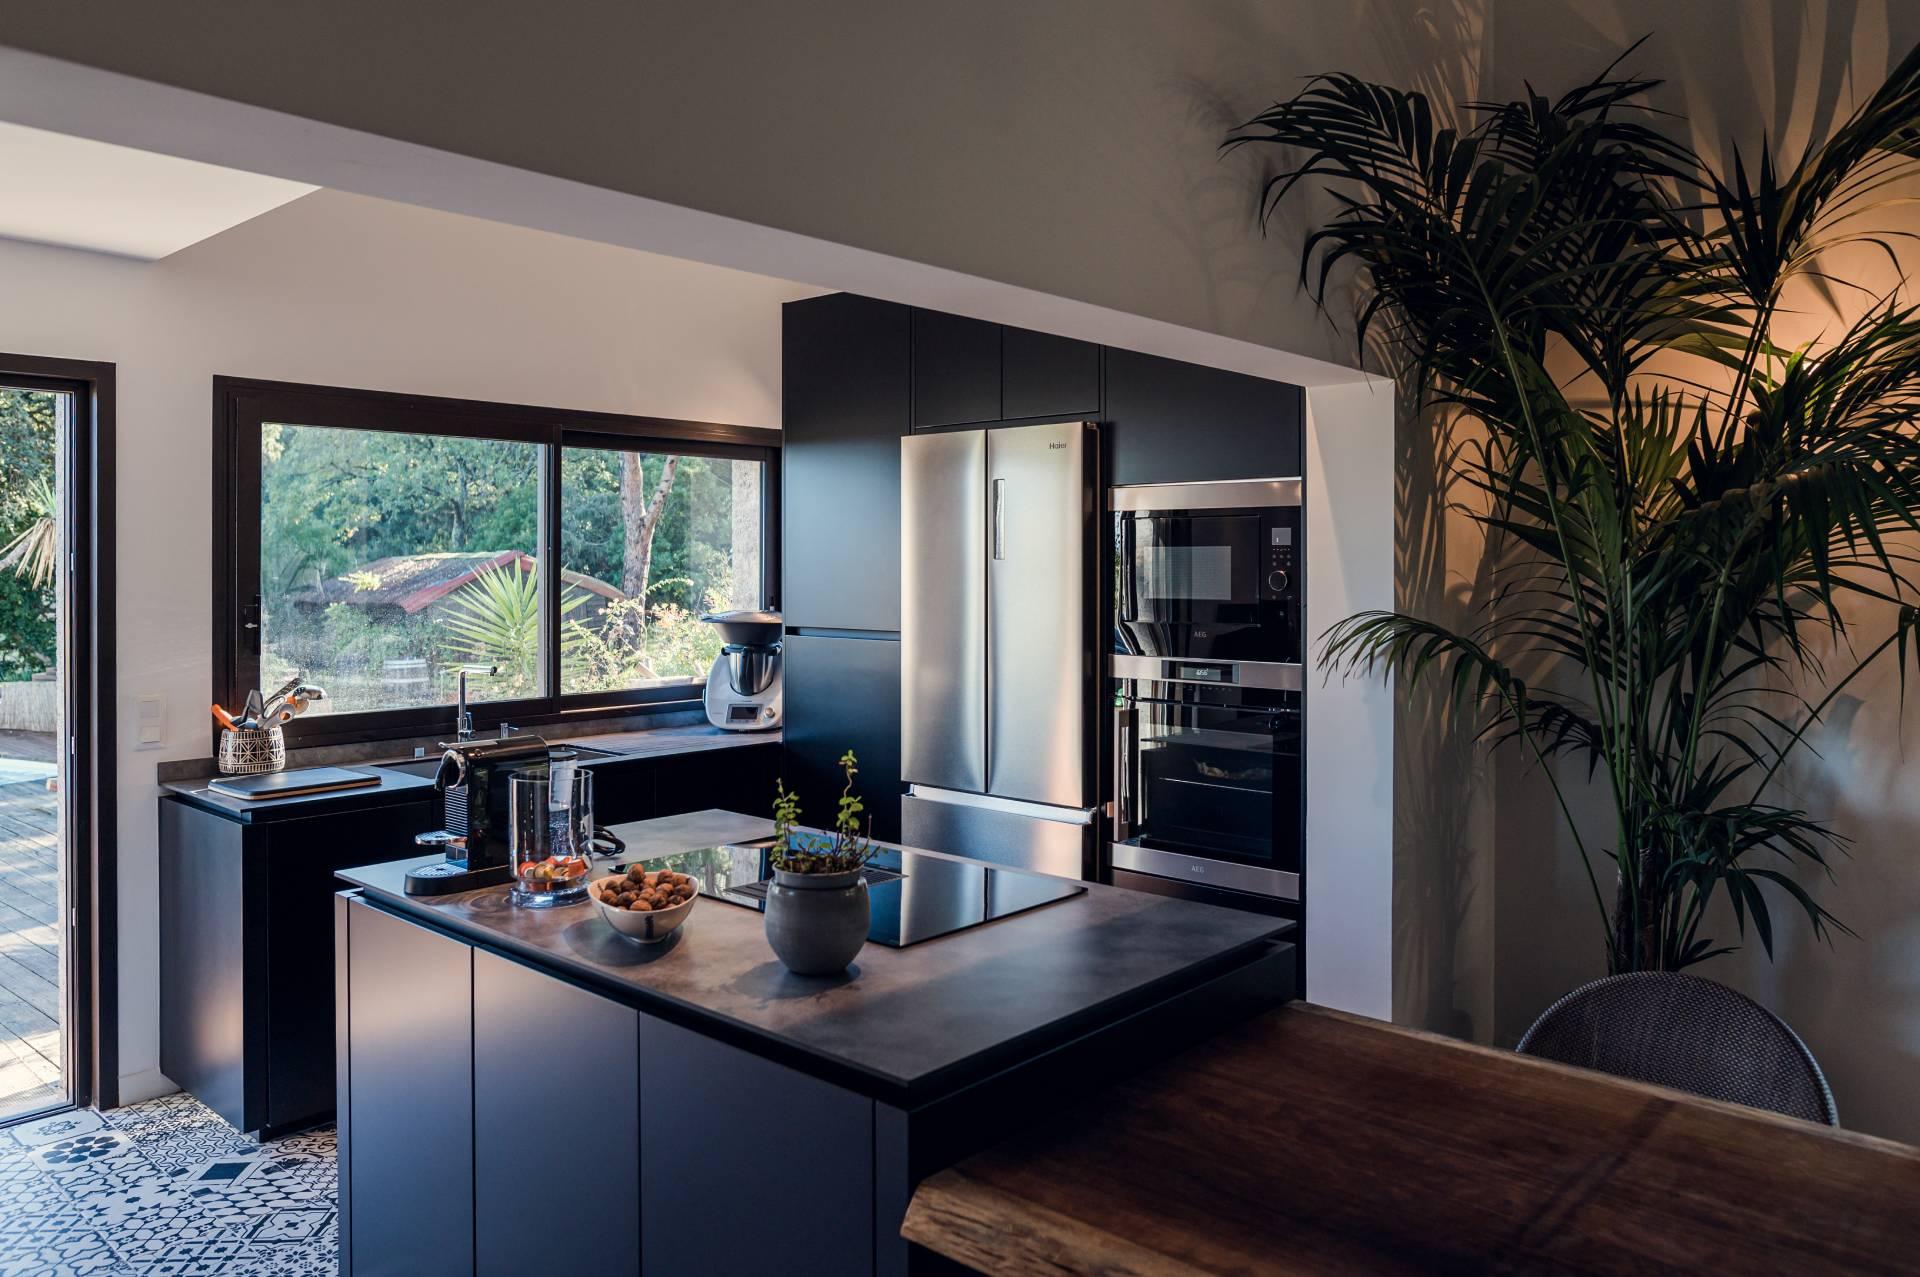 cuisine haut de gamme, photo prise par Florence Martin, photographe professionnelle dans le Var et les Alpes Maritimes